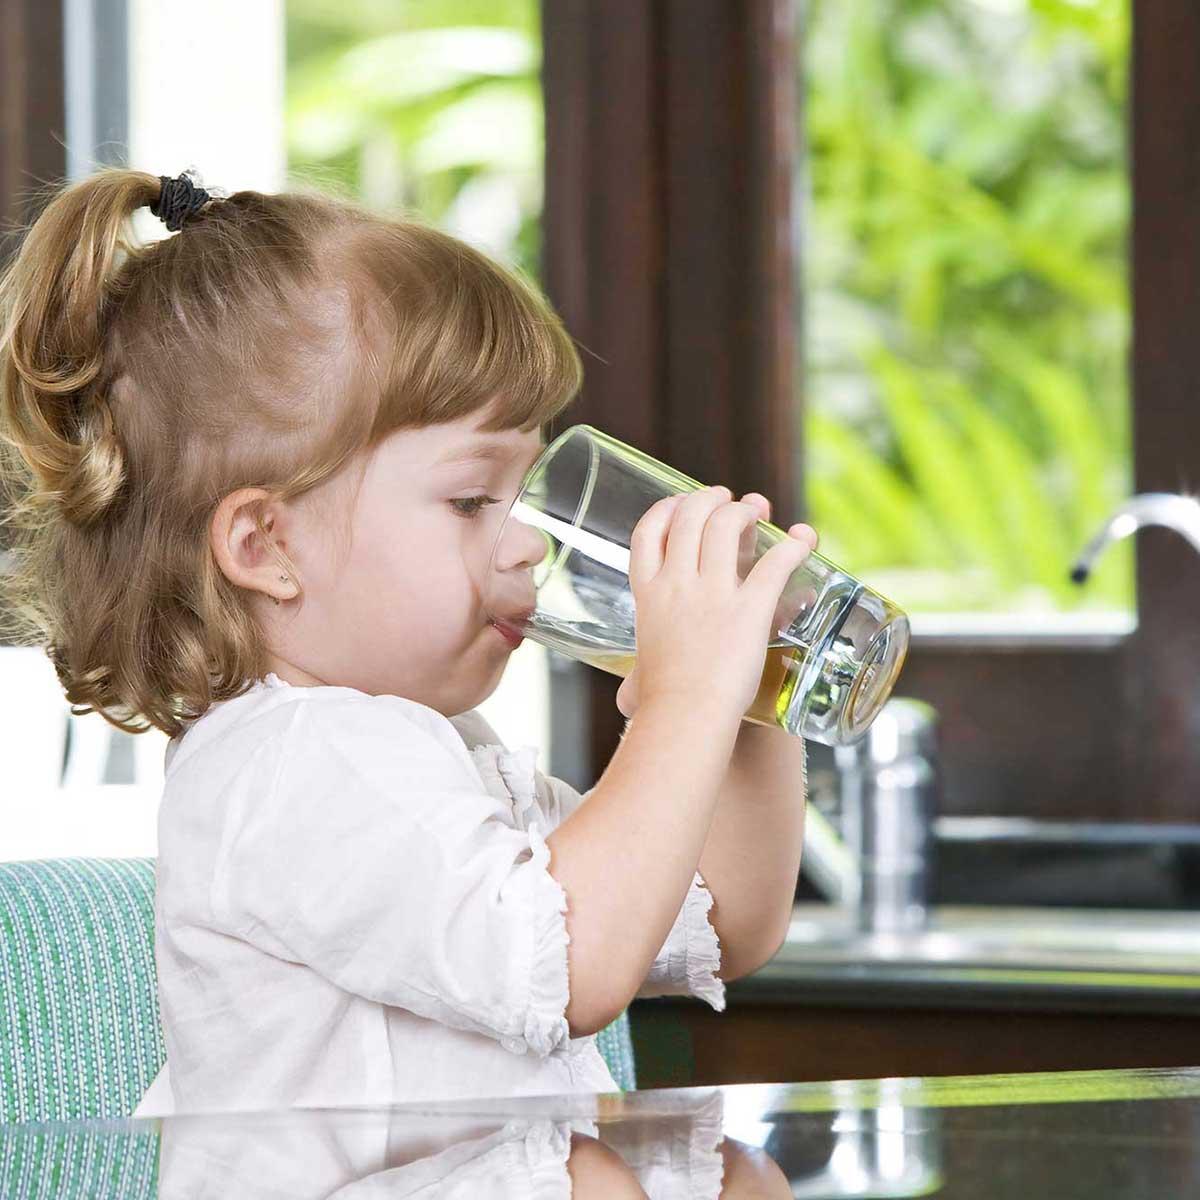 enfant qui boit de l'eau adoucie